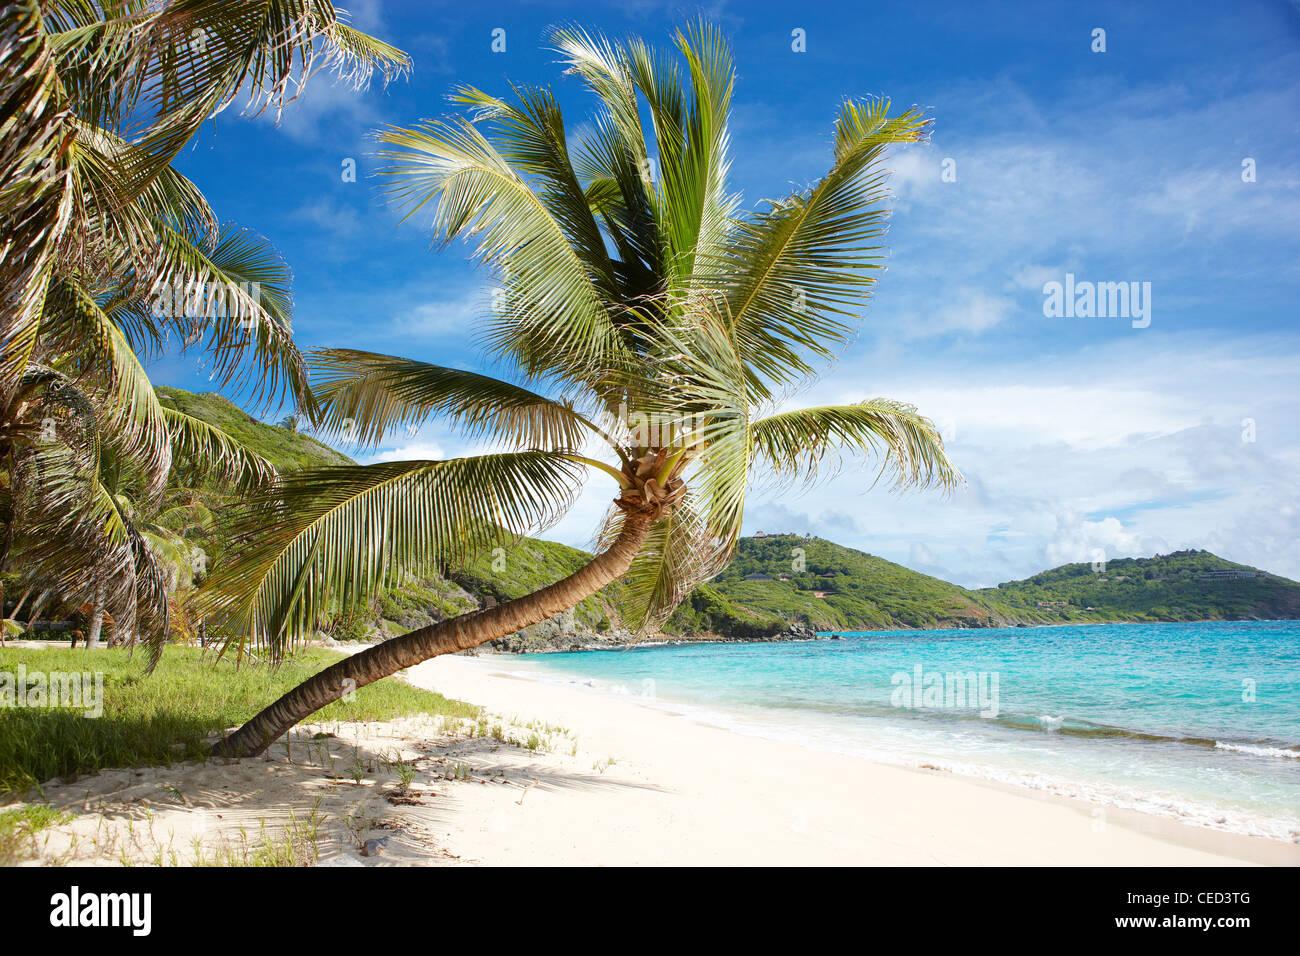 Vuoto spiaggia tropicale Palm tree Immagini Stock